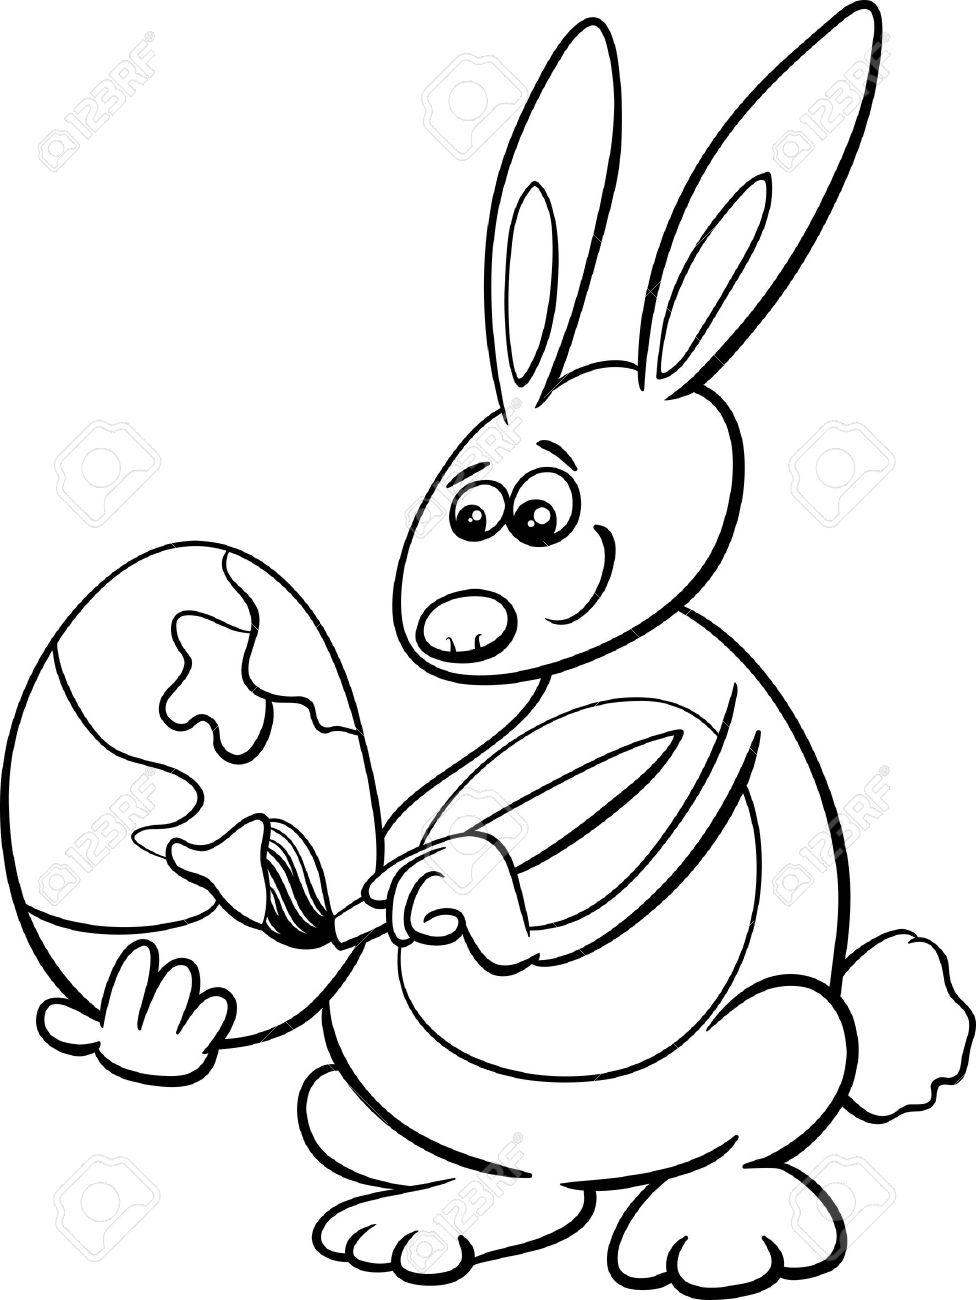 Ilustración De Dibujos Animados En Blanco Y Negro De Conejo De ...